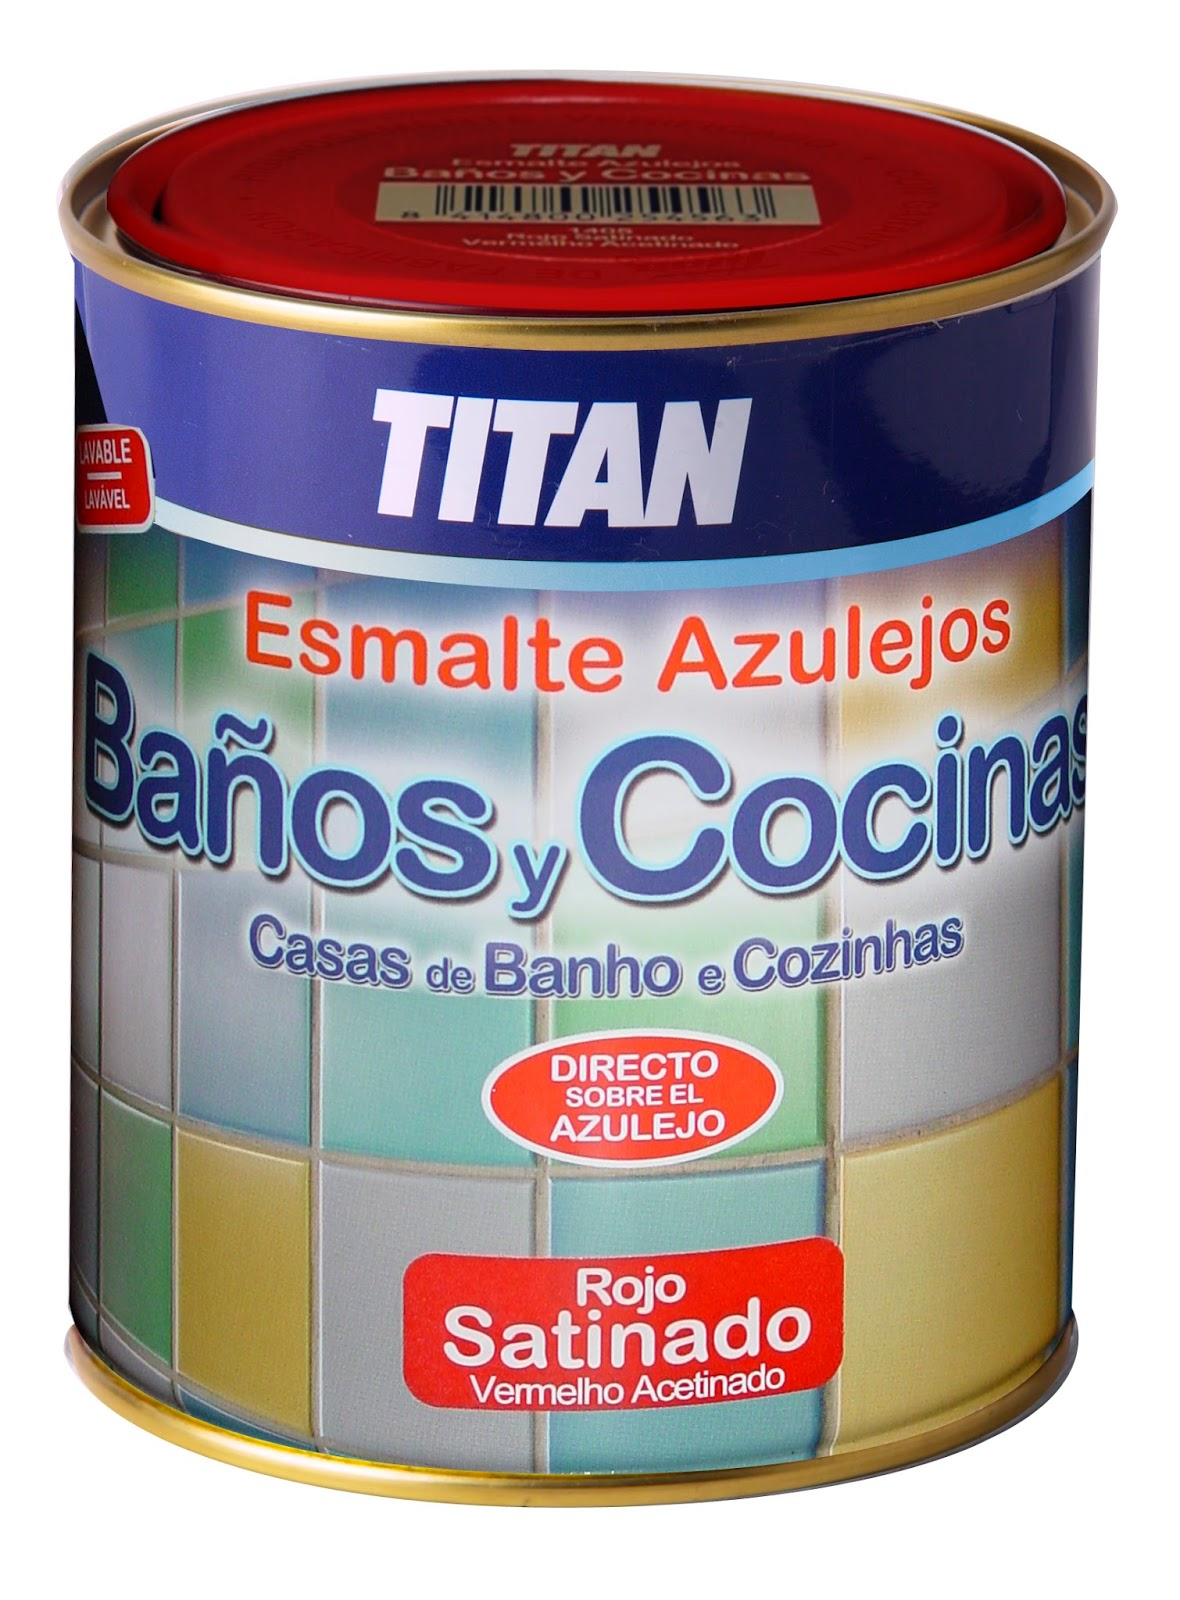 Pintura y decoraci n tit n ba os y cocinas esmalte para - Pintura para baldosas cocina ...